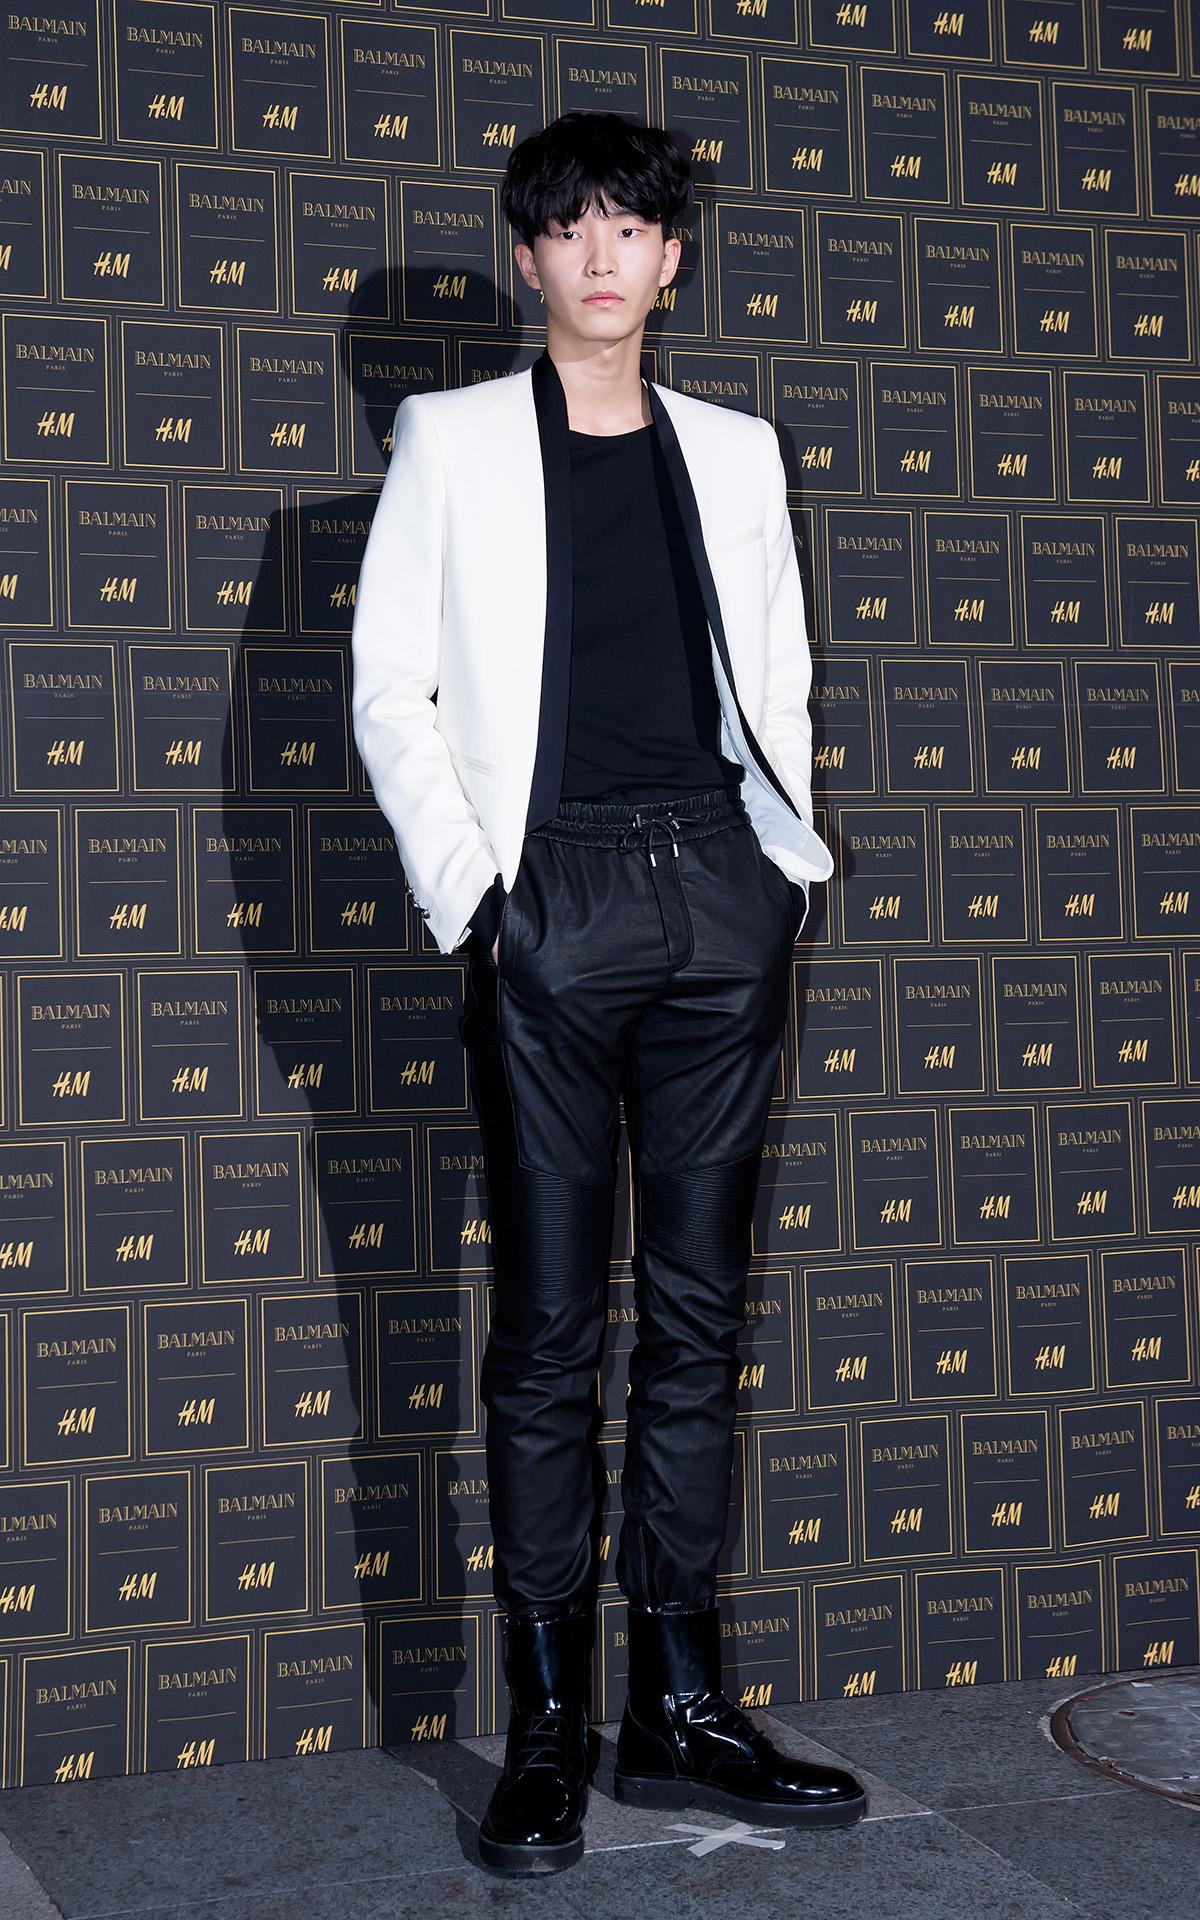 男模安承俊則做了對比的黑白色系造型,藏不住的一雙大長腿超迷人的!